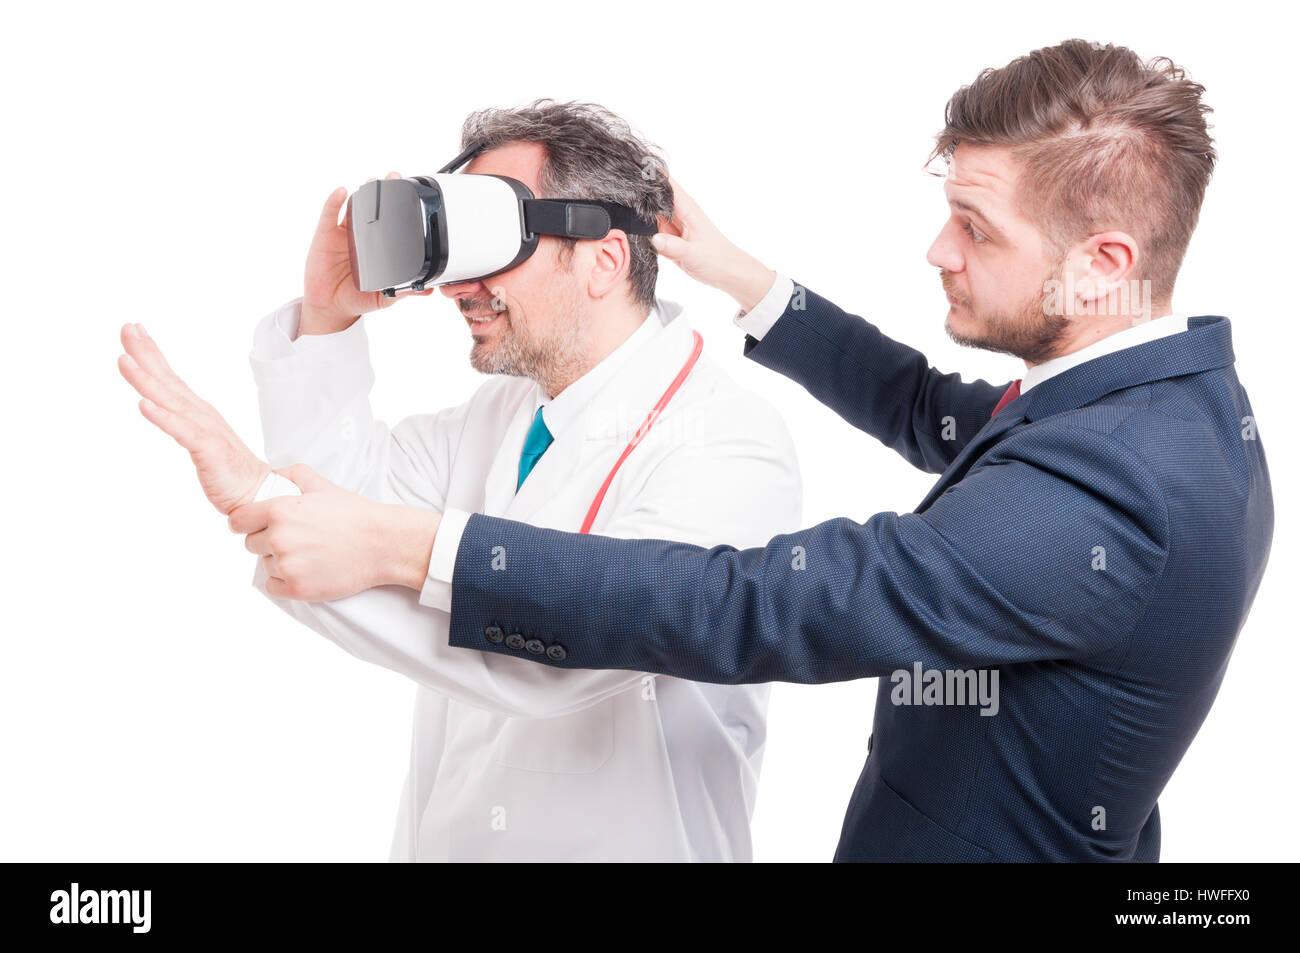 Handsome businessman avec jeune infirmier à par casque vr isolated on white Banque D'Images